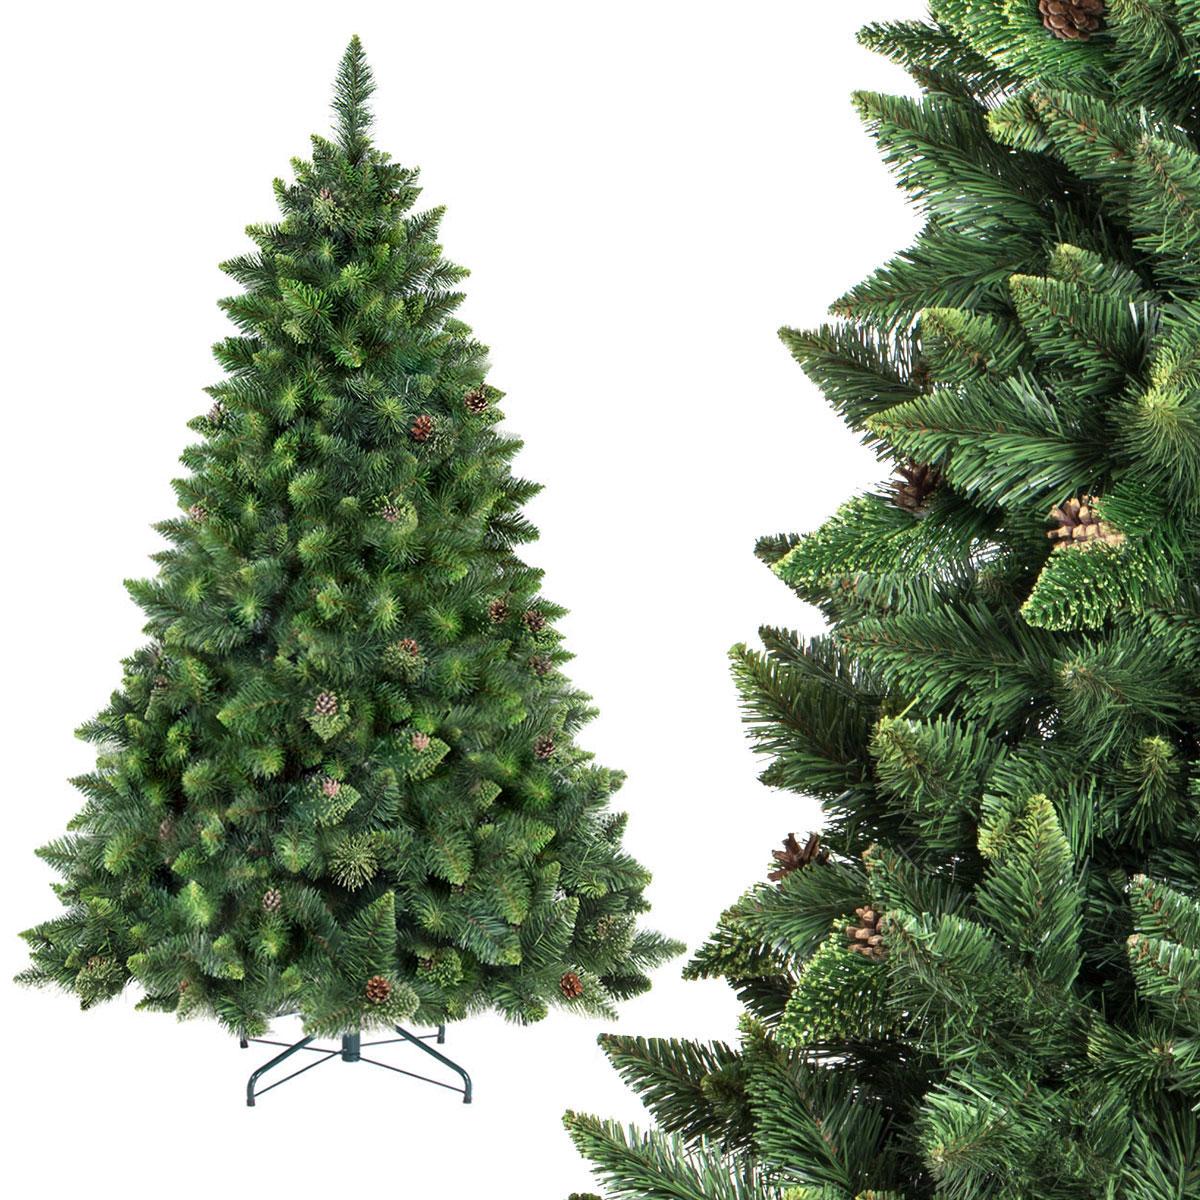 Weihnachtsbaum kunstbaum k nstlicher baum weihnachten - Kiefer baum kaufen ...